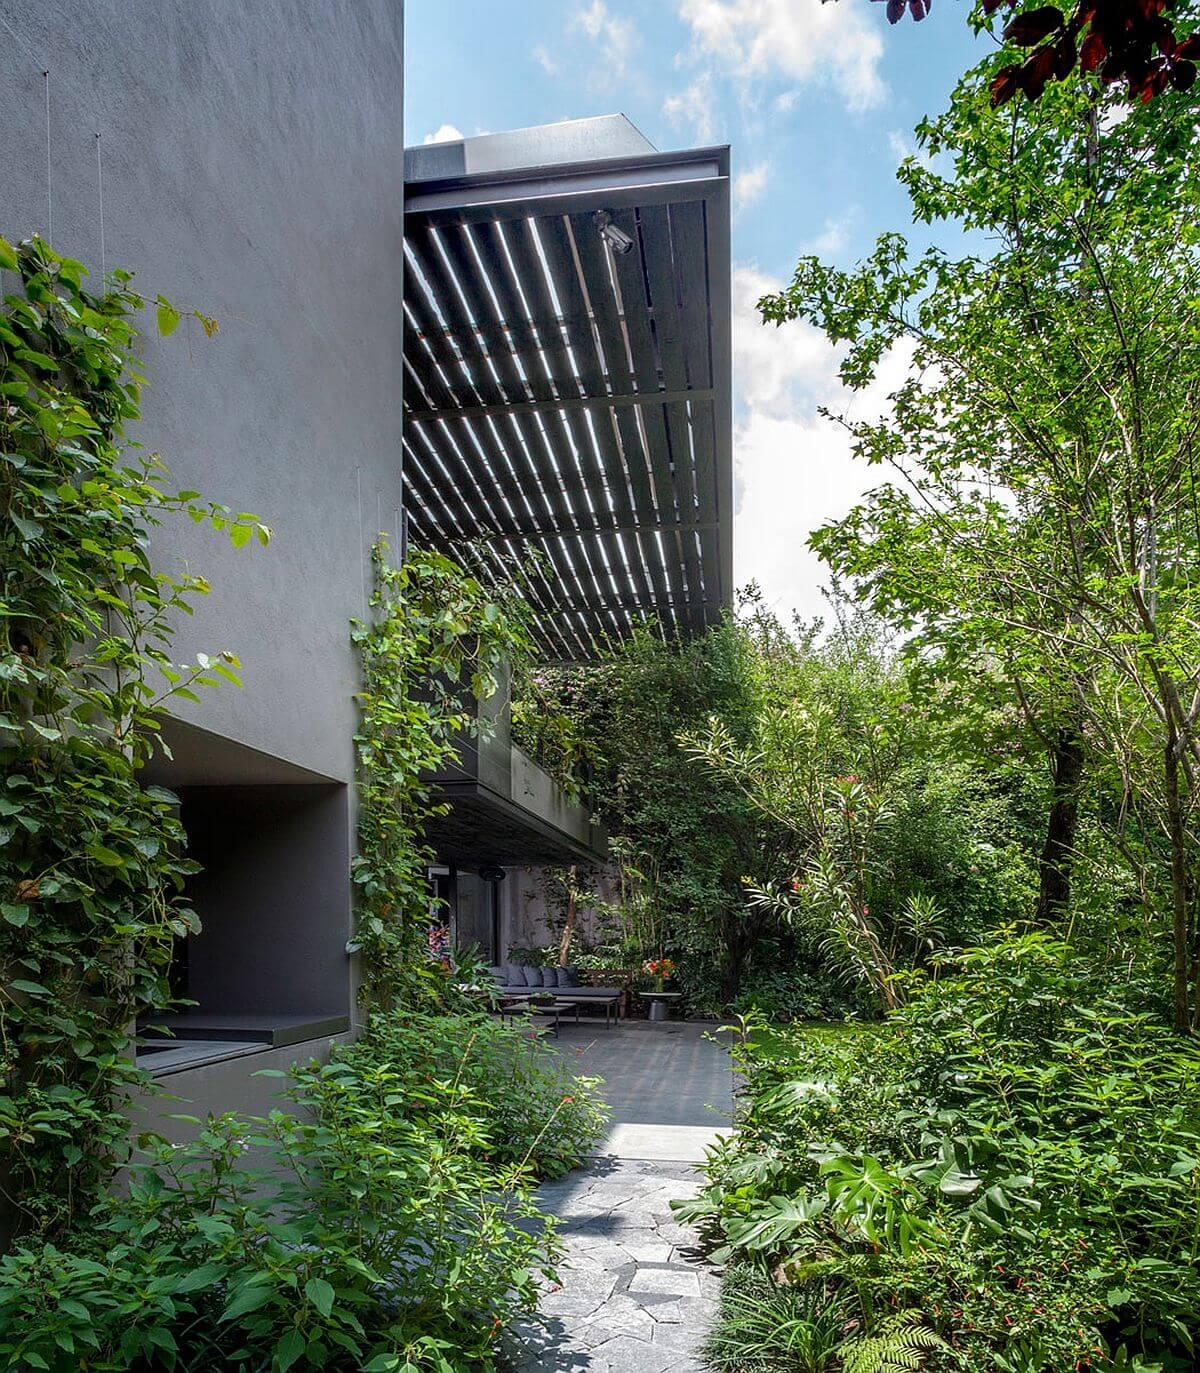 Khám phá căn biệt thự cây xanh như rừng rậm ở Mexico